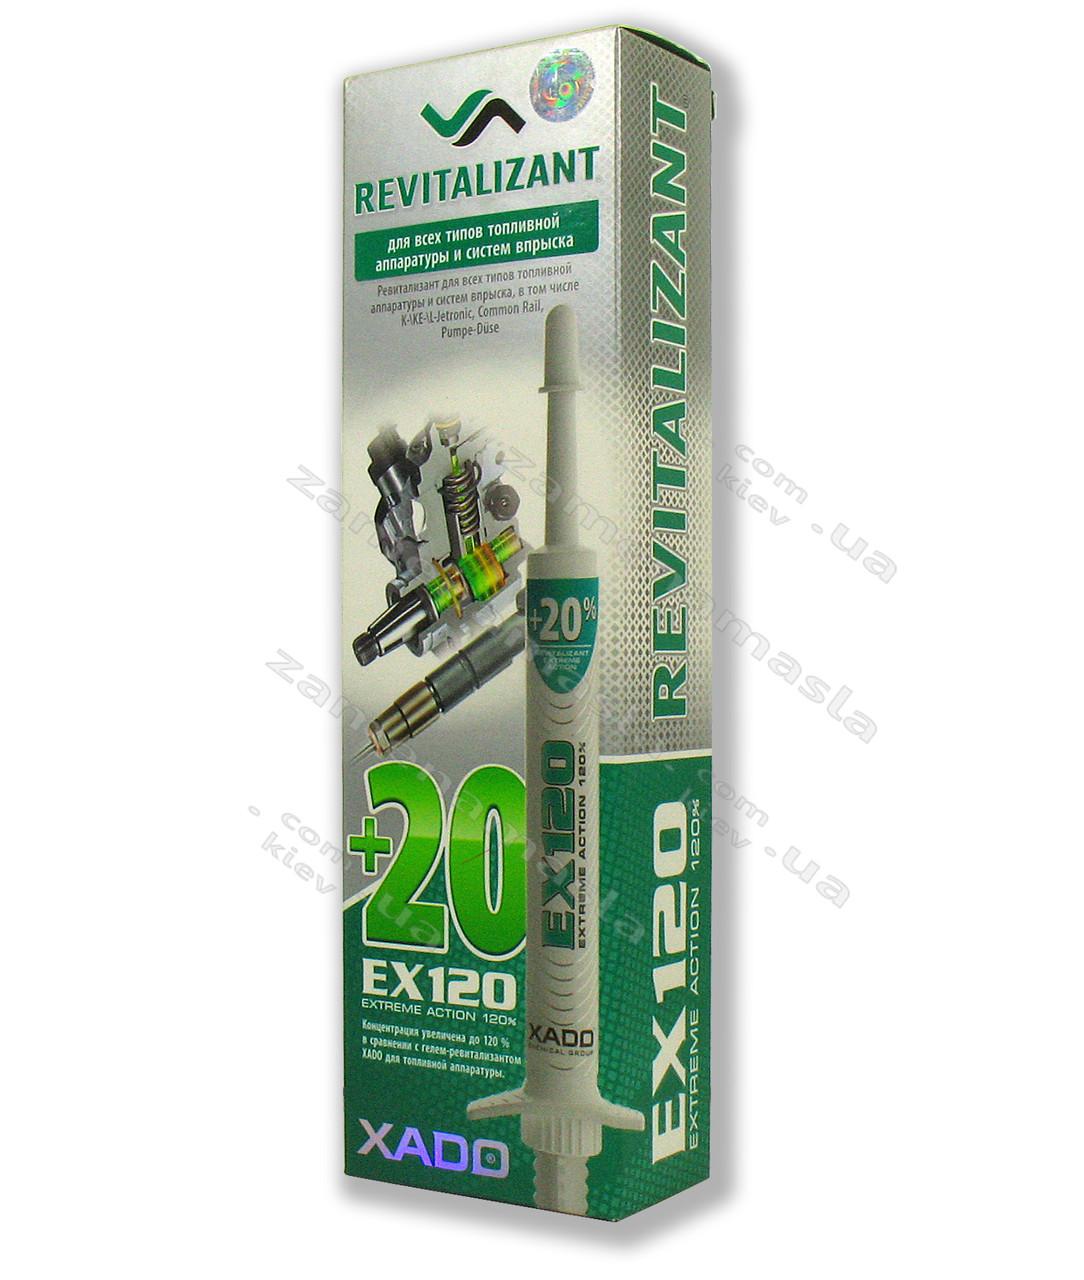 Хадо - ревитализант EX120 для всех типов топливной аппаратуры